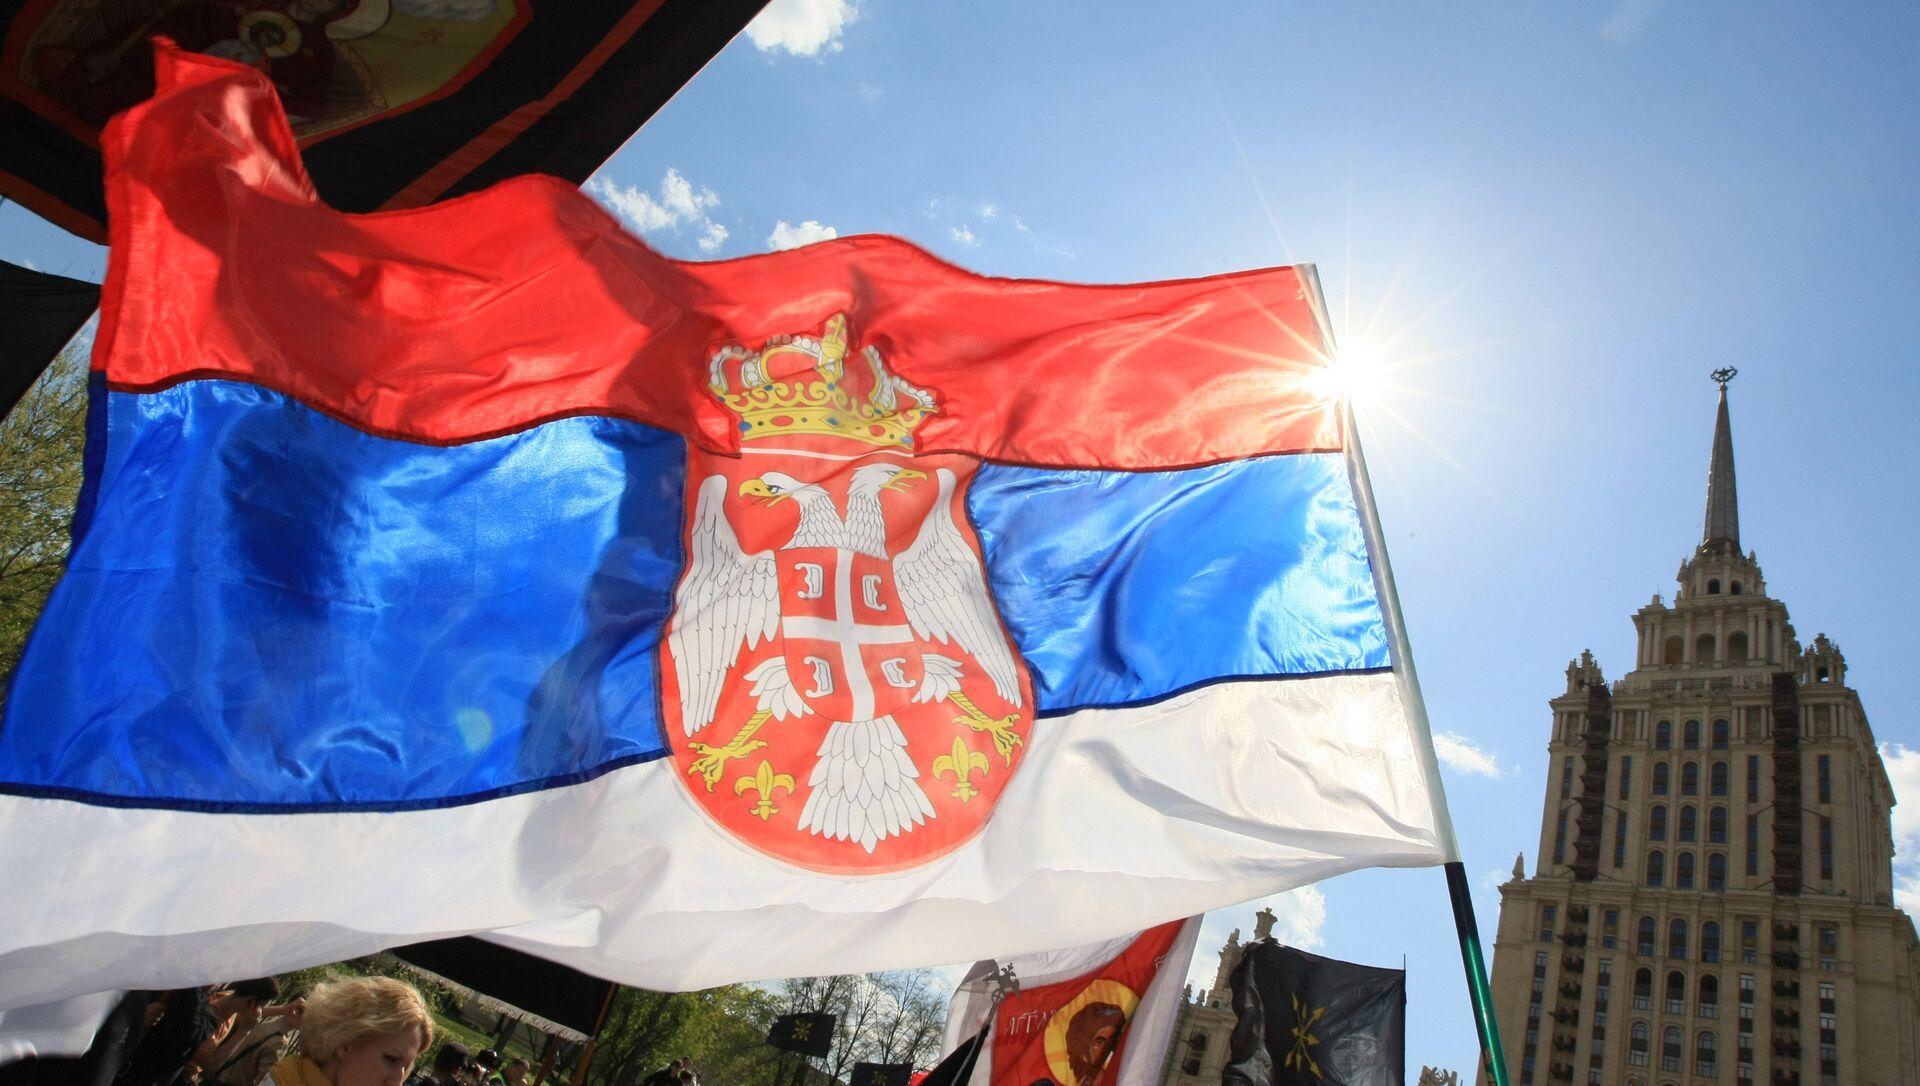 La bandiera della Serbia - Sputnik Italia, 1920, 04.04.2021